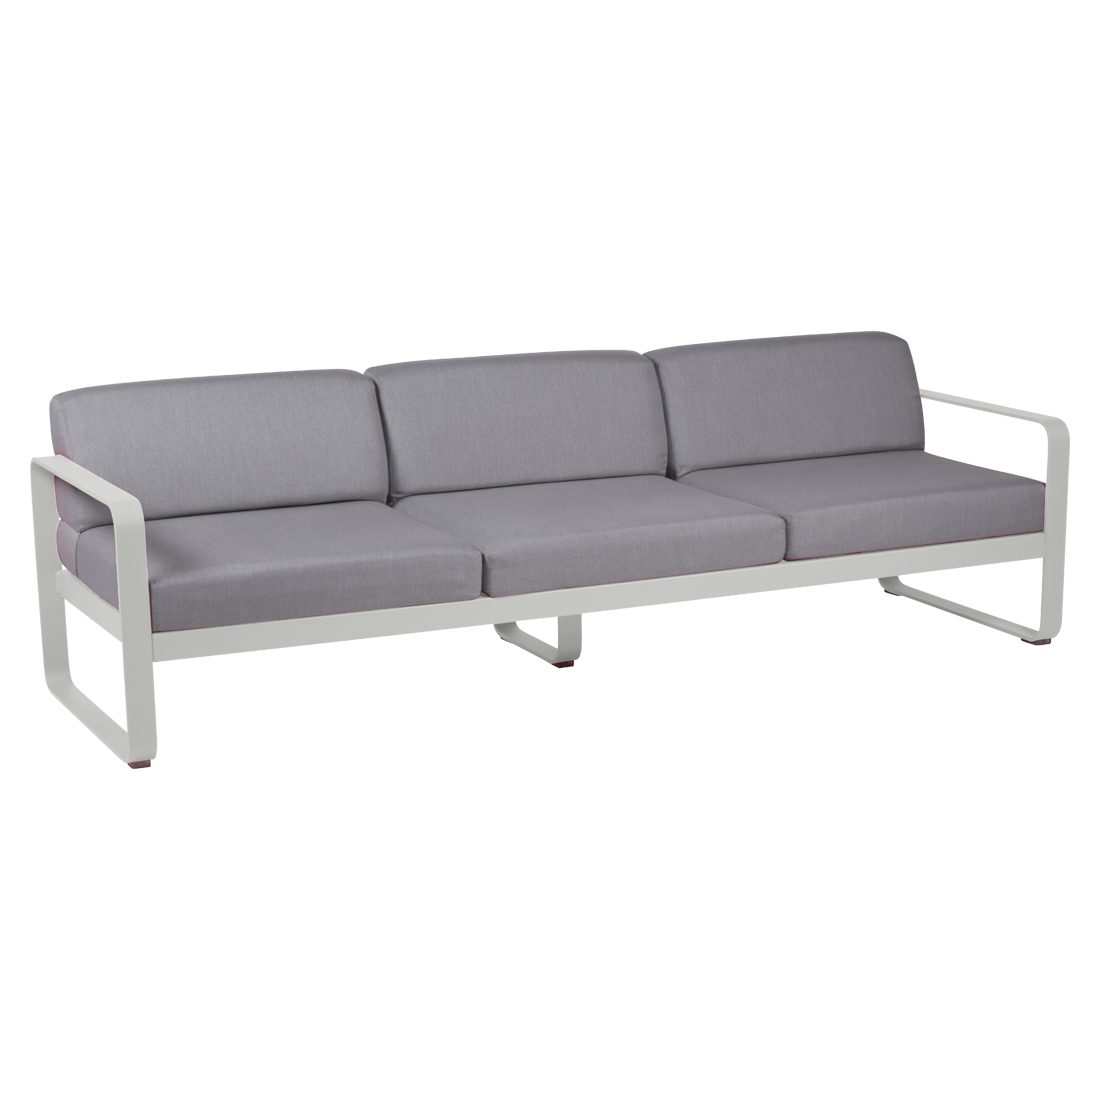 canape de jardin, canape d exterieur, canape fermob, canape metal, canape gris